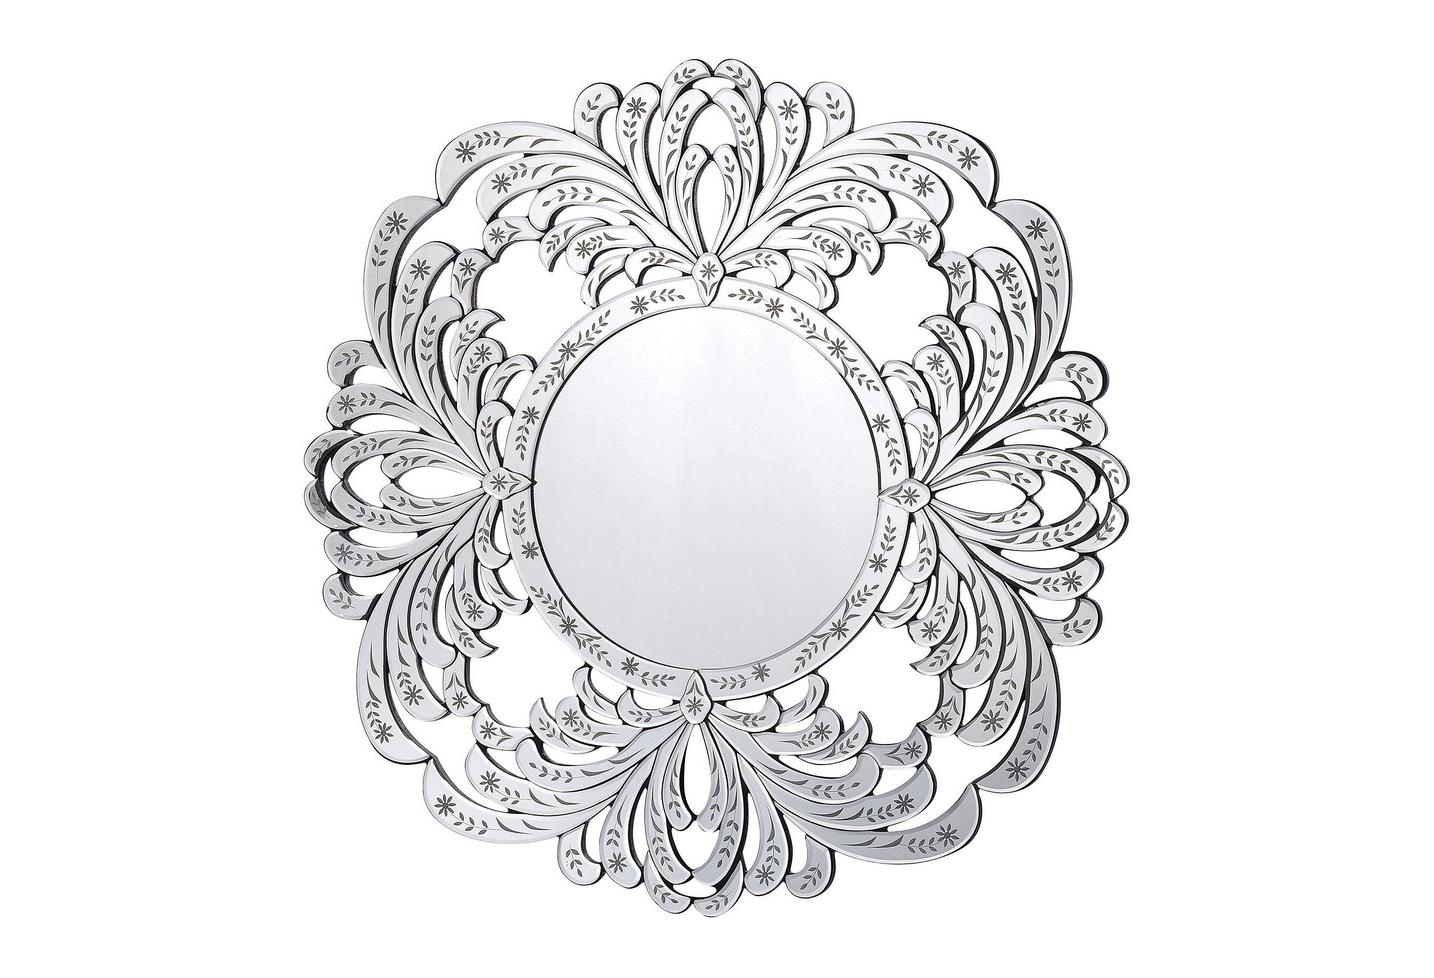 Зеркало СюзетНастенные зеркала<br><br><br>Material: МДФ<br>Ширина см: 80.0<br>Высота см: 80.0<br>Глубина см: 3.0